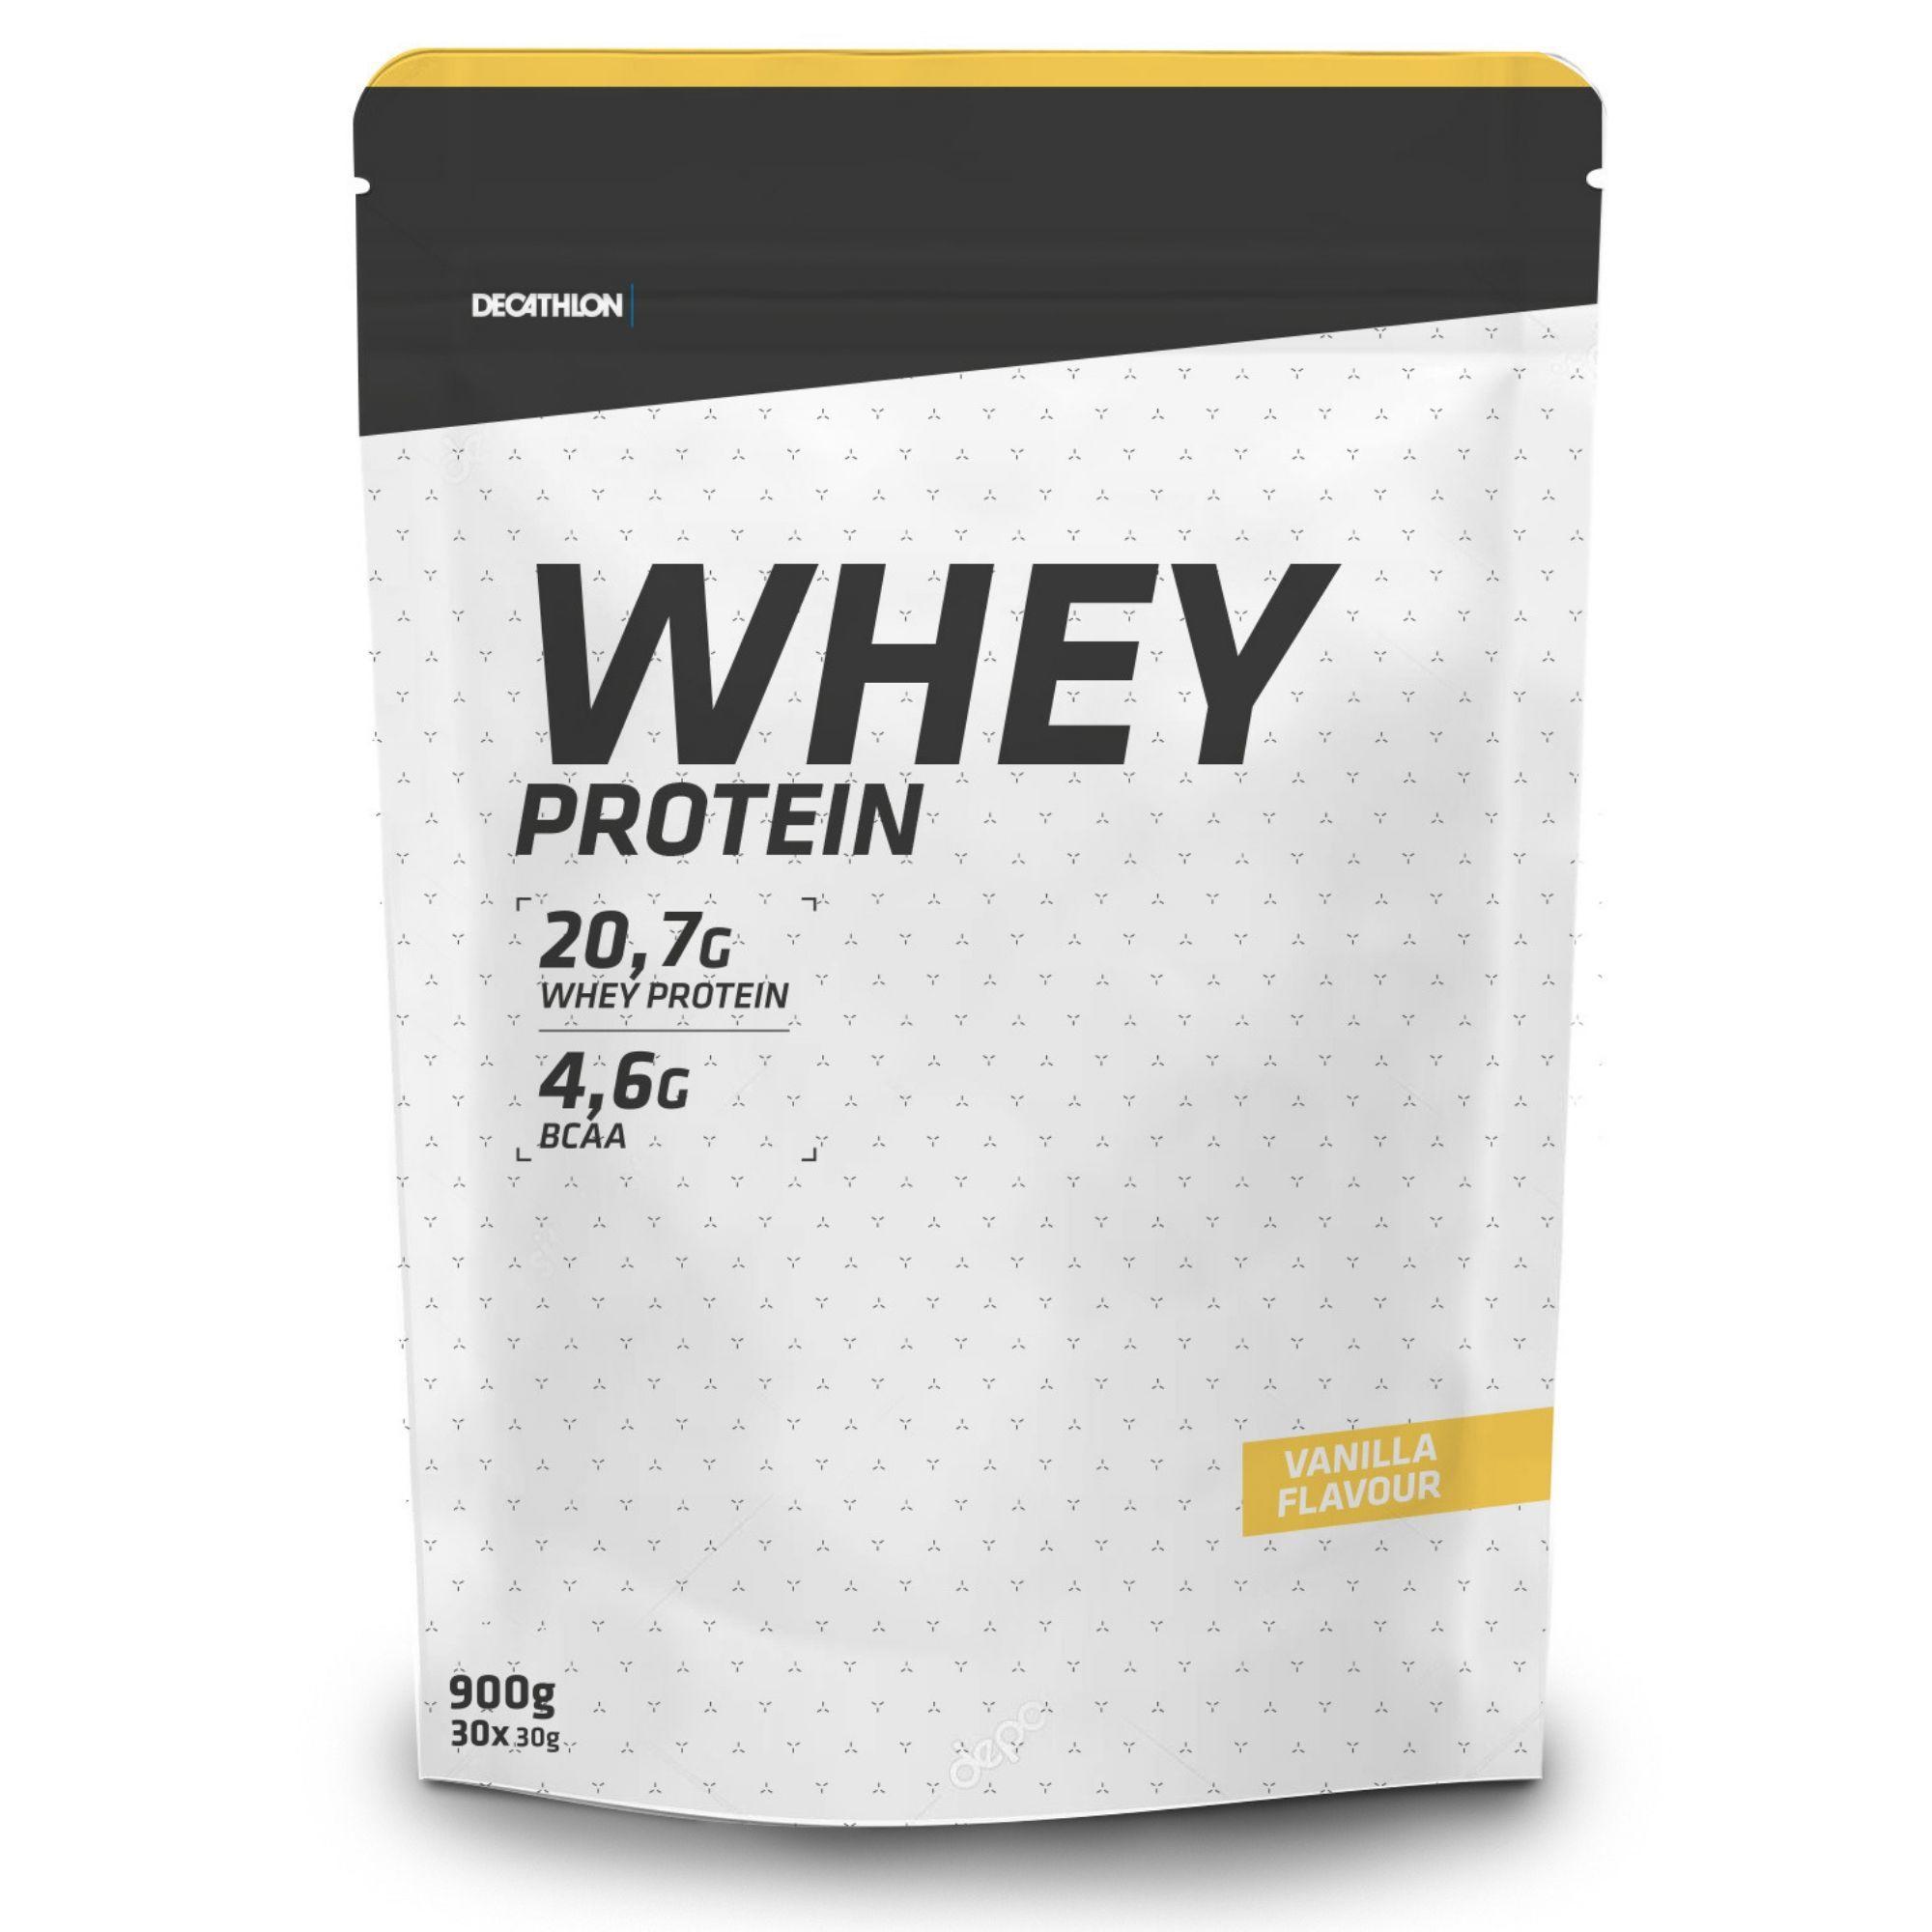 Whey Proteine Vanille 900g Domyos Decathlon